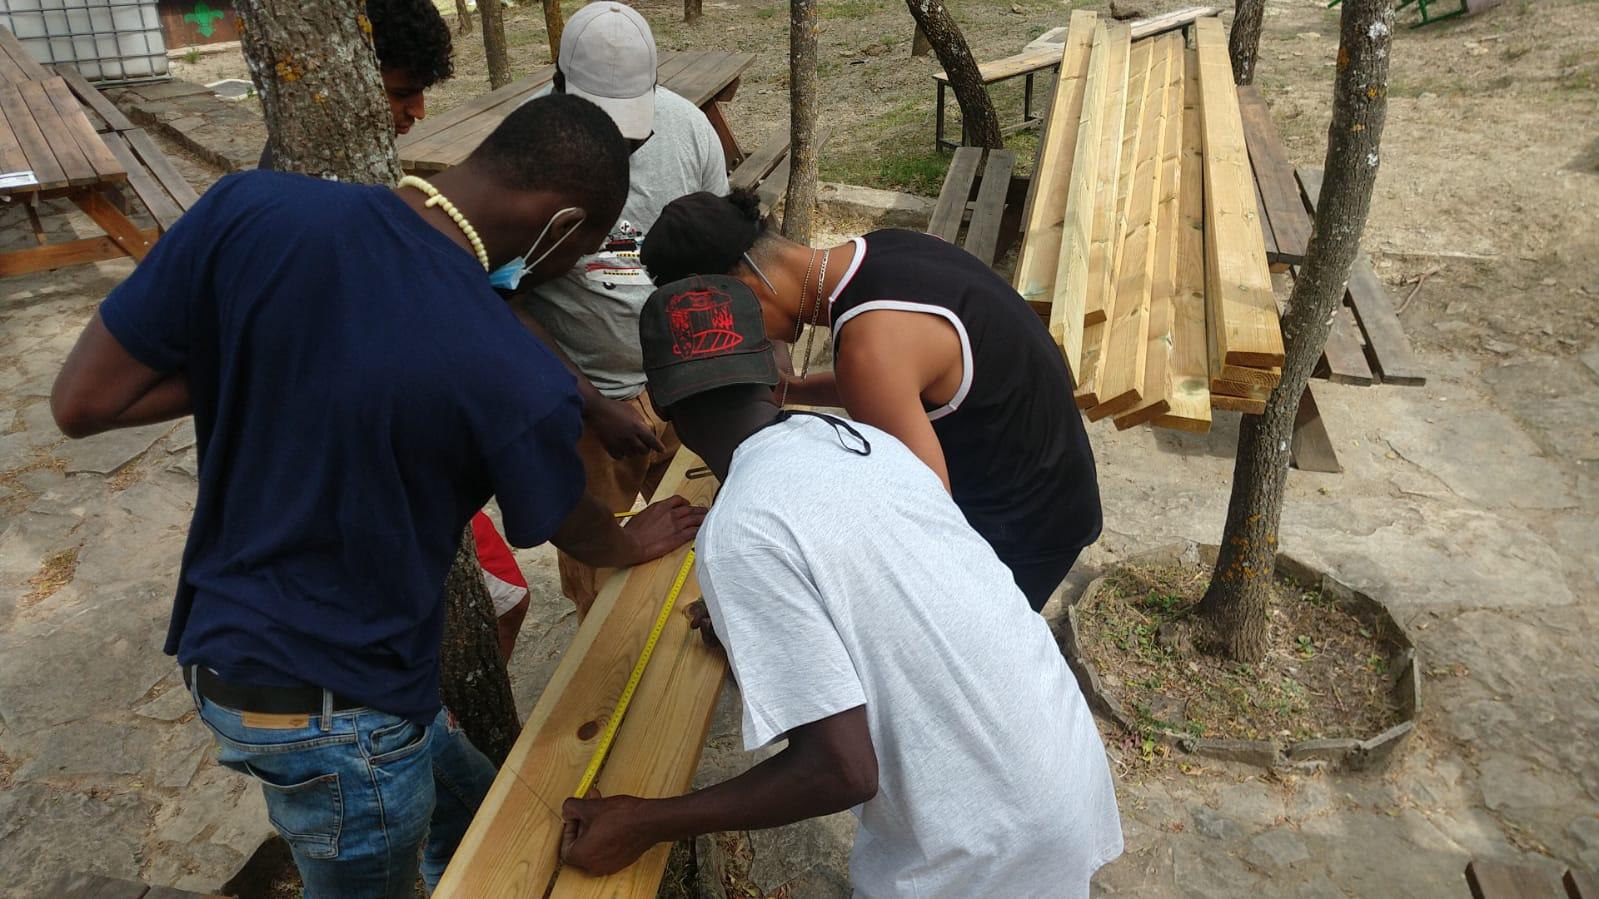 Fundación Sesé, Fundación Scout Griébal y Fundación Federico Ozanam colaboran por quinta vez en una nueva edición del campo de trabajo en el Centro Scout Griébal